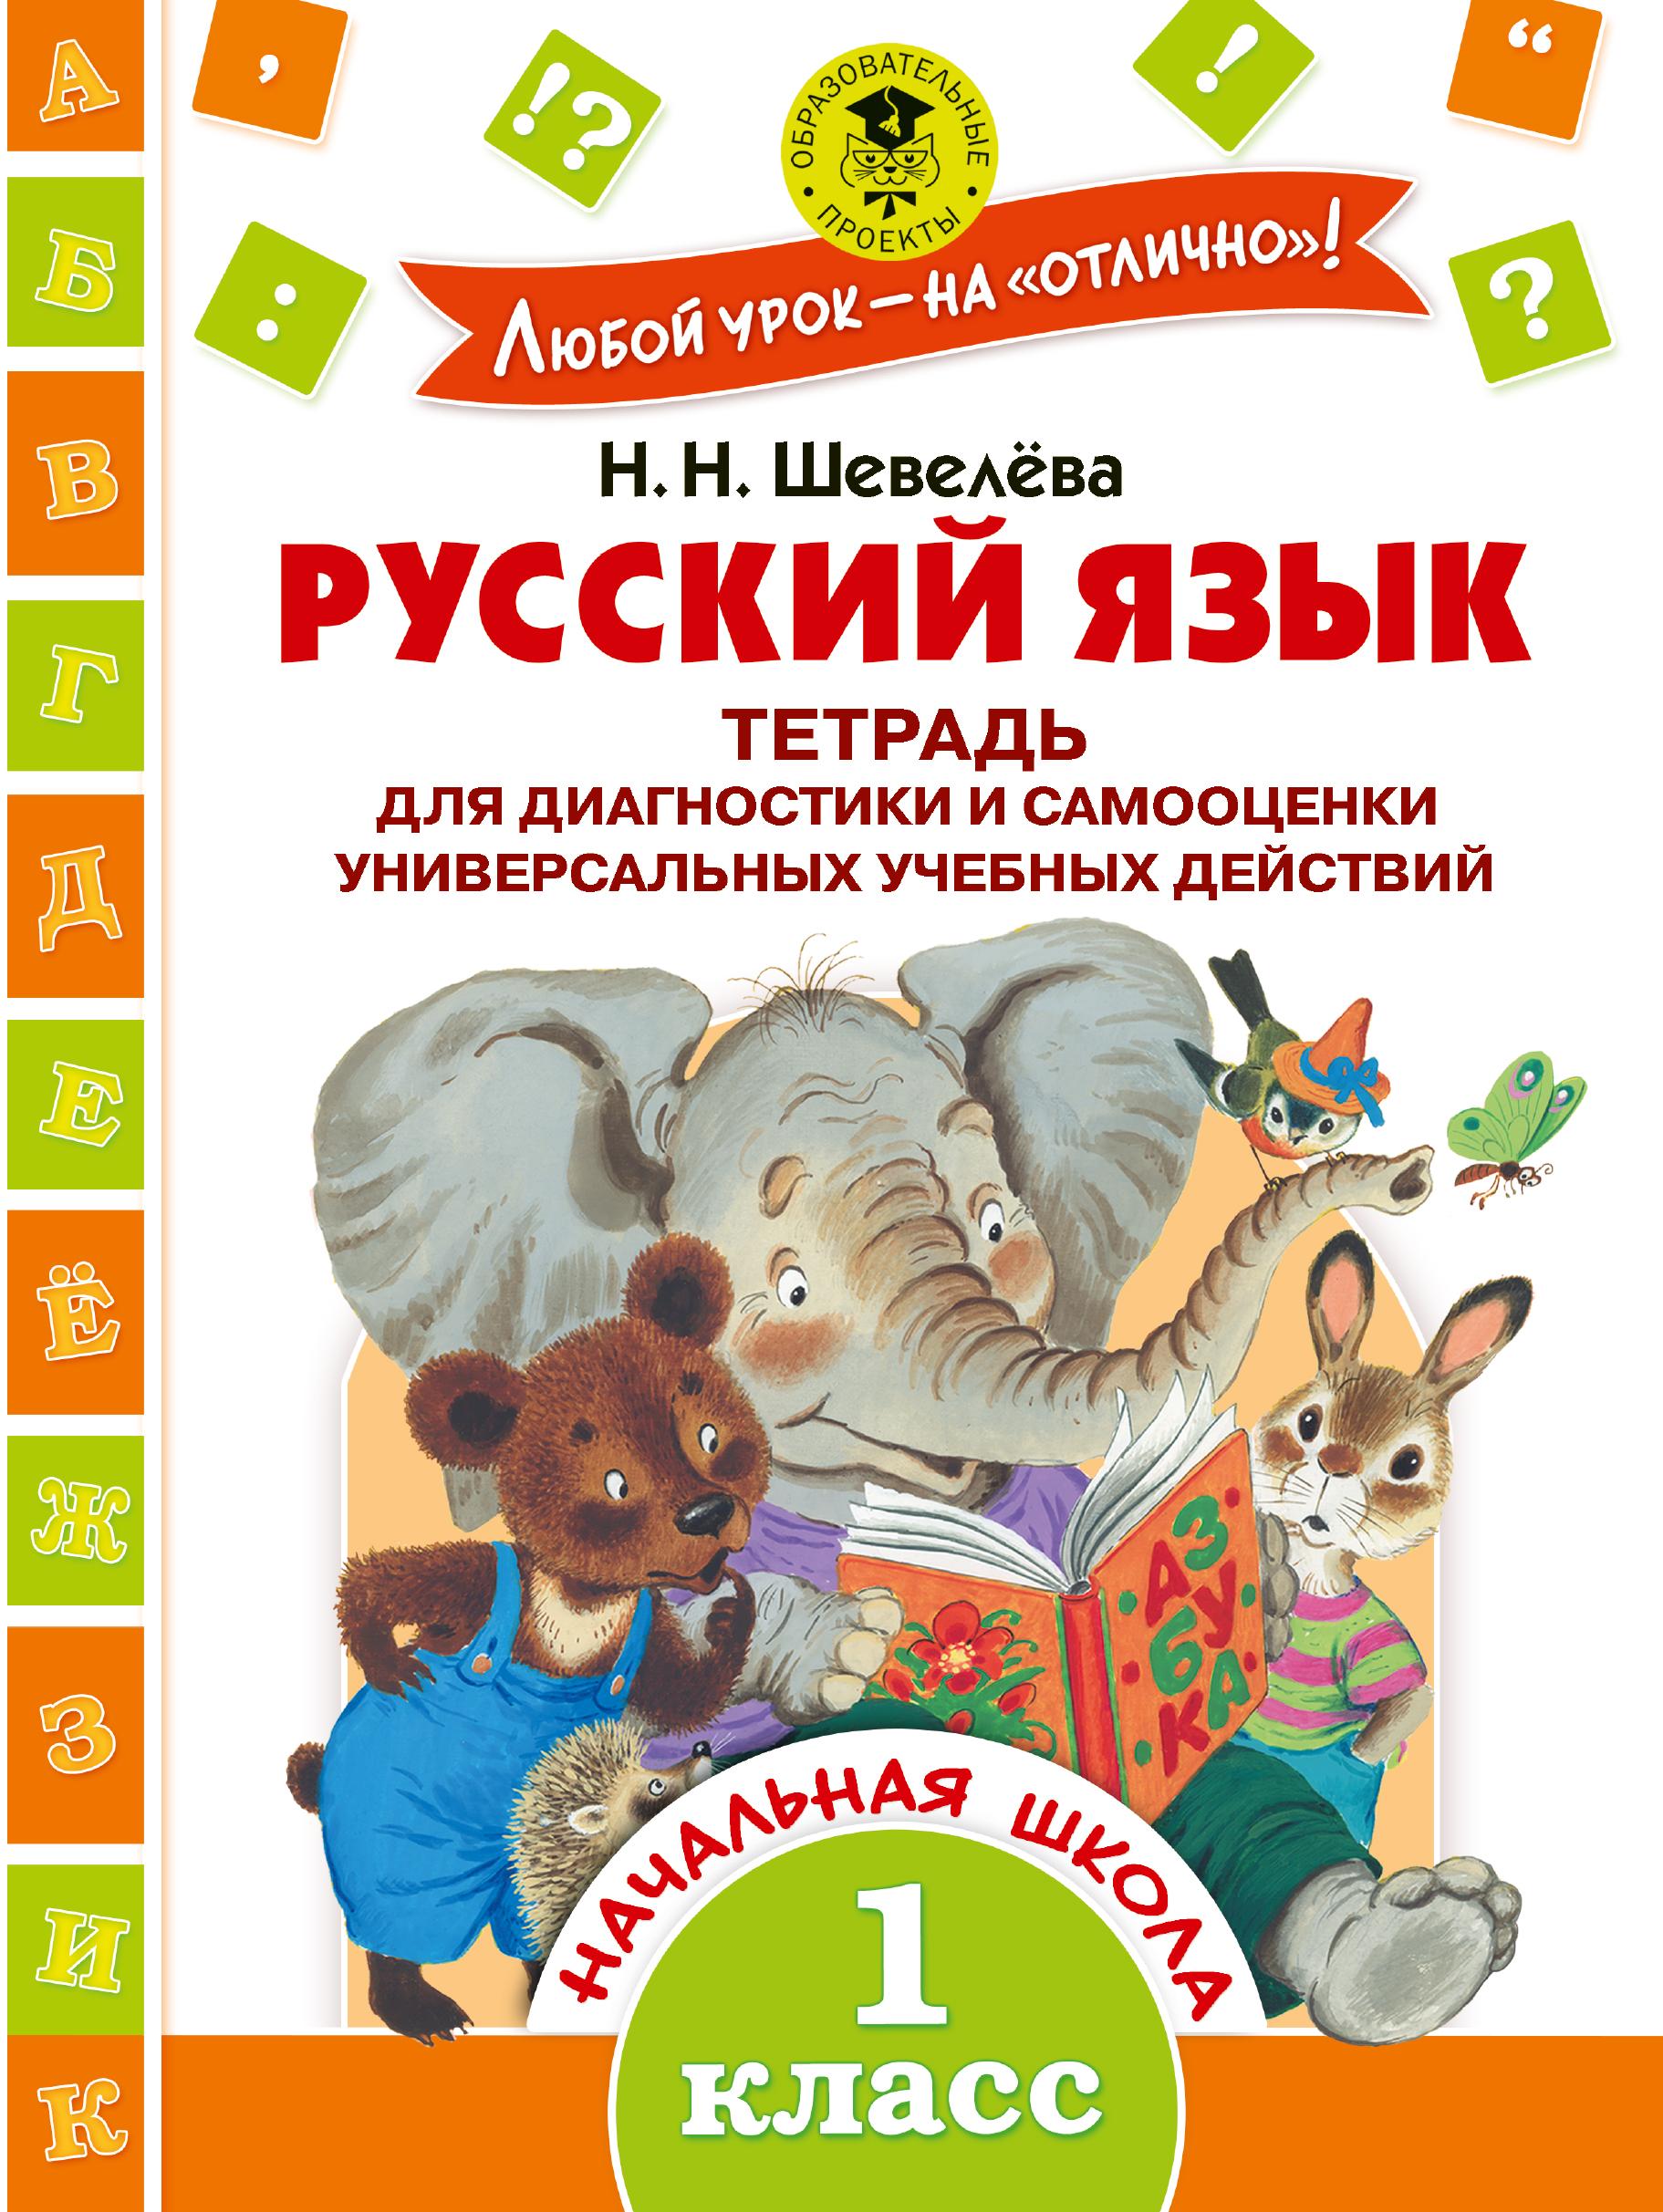 Шевелёва Н.Н. Русский язык. Тетрадь для диагностики и самооценки универсальных учебных действий. 1 класс